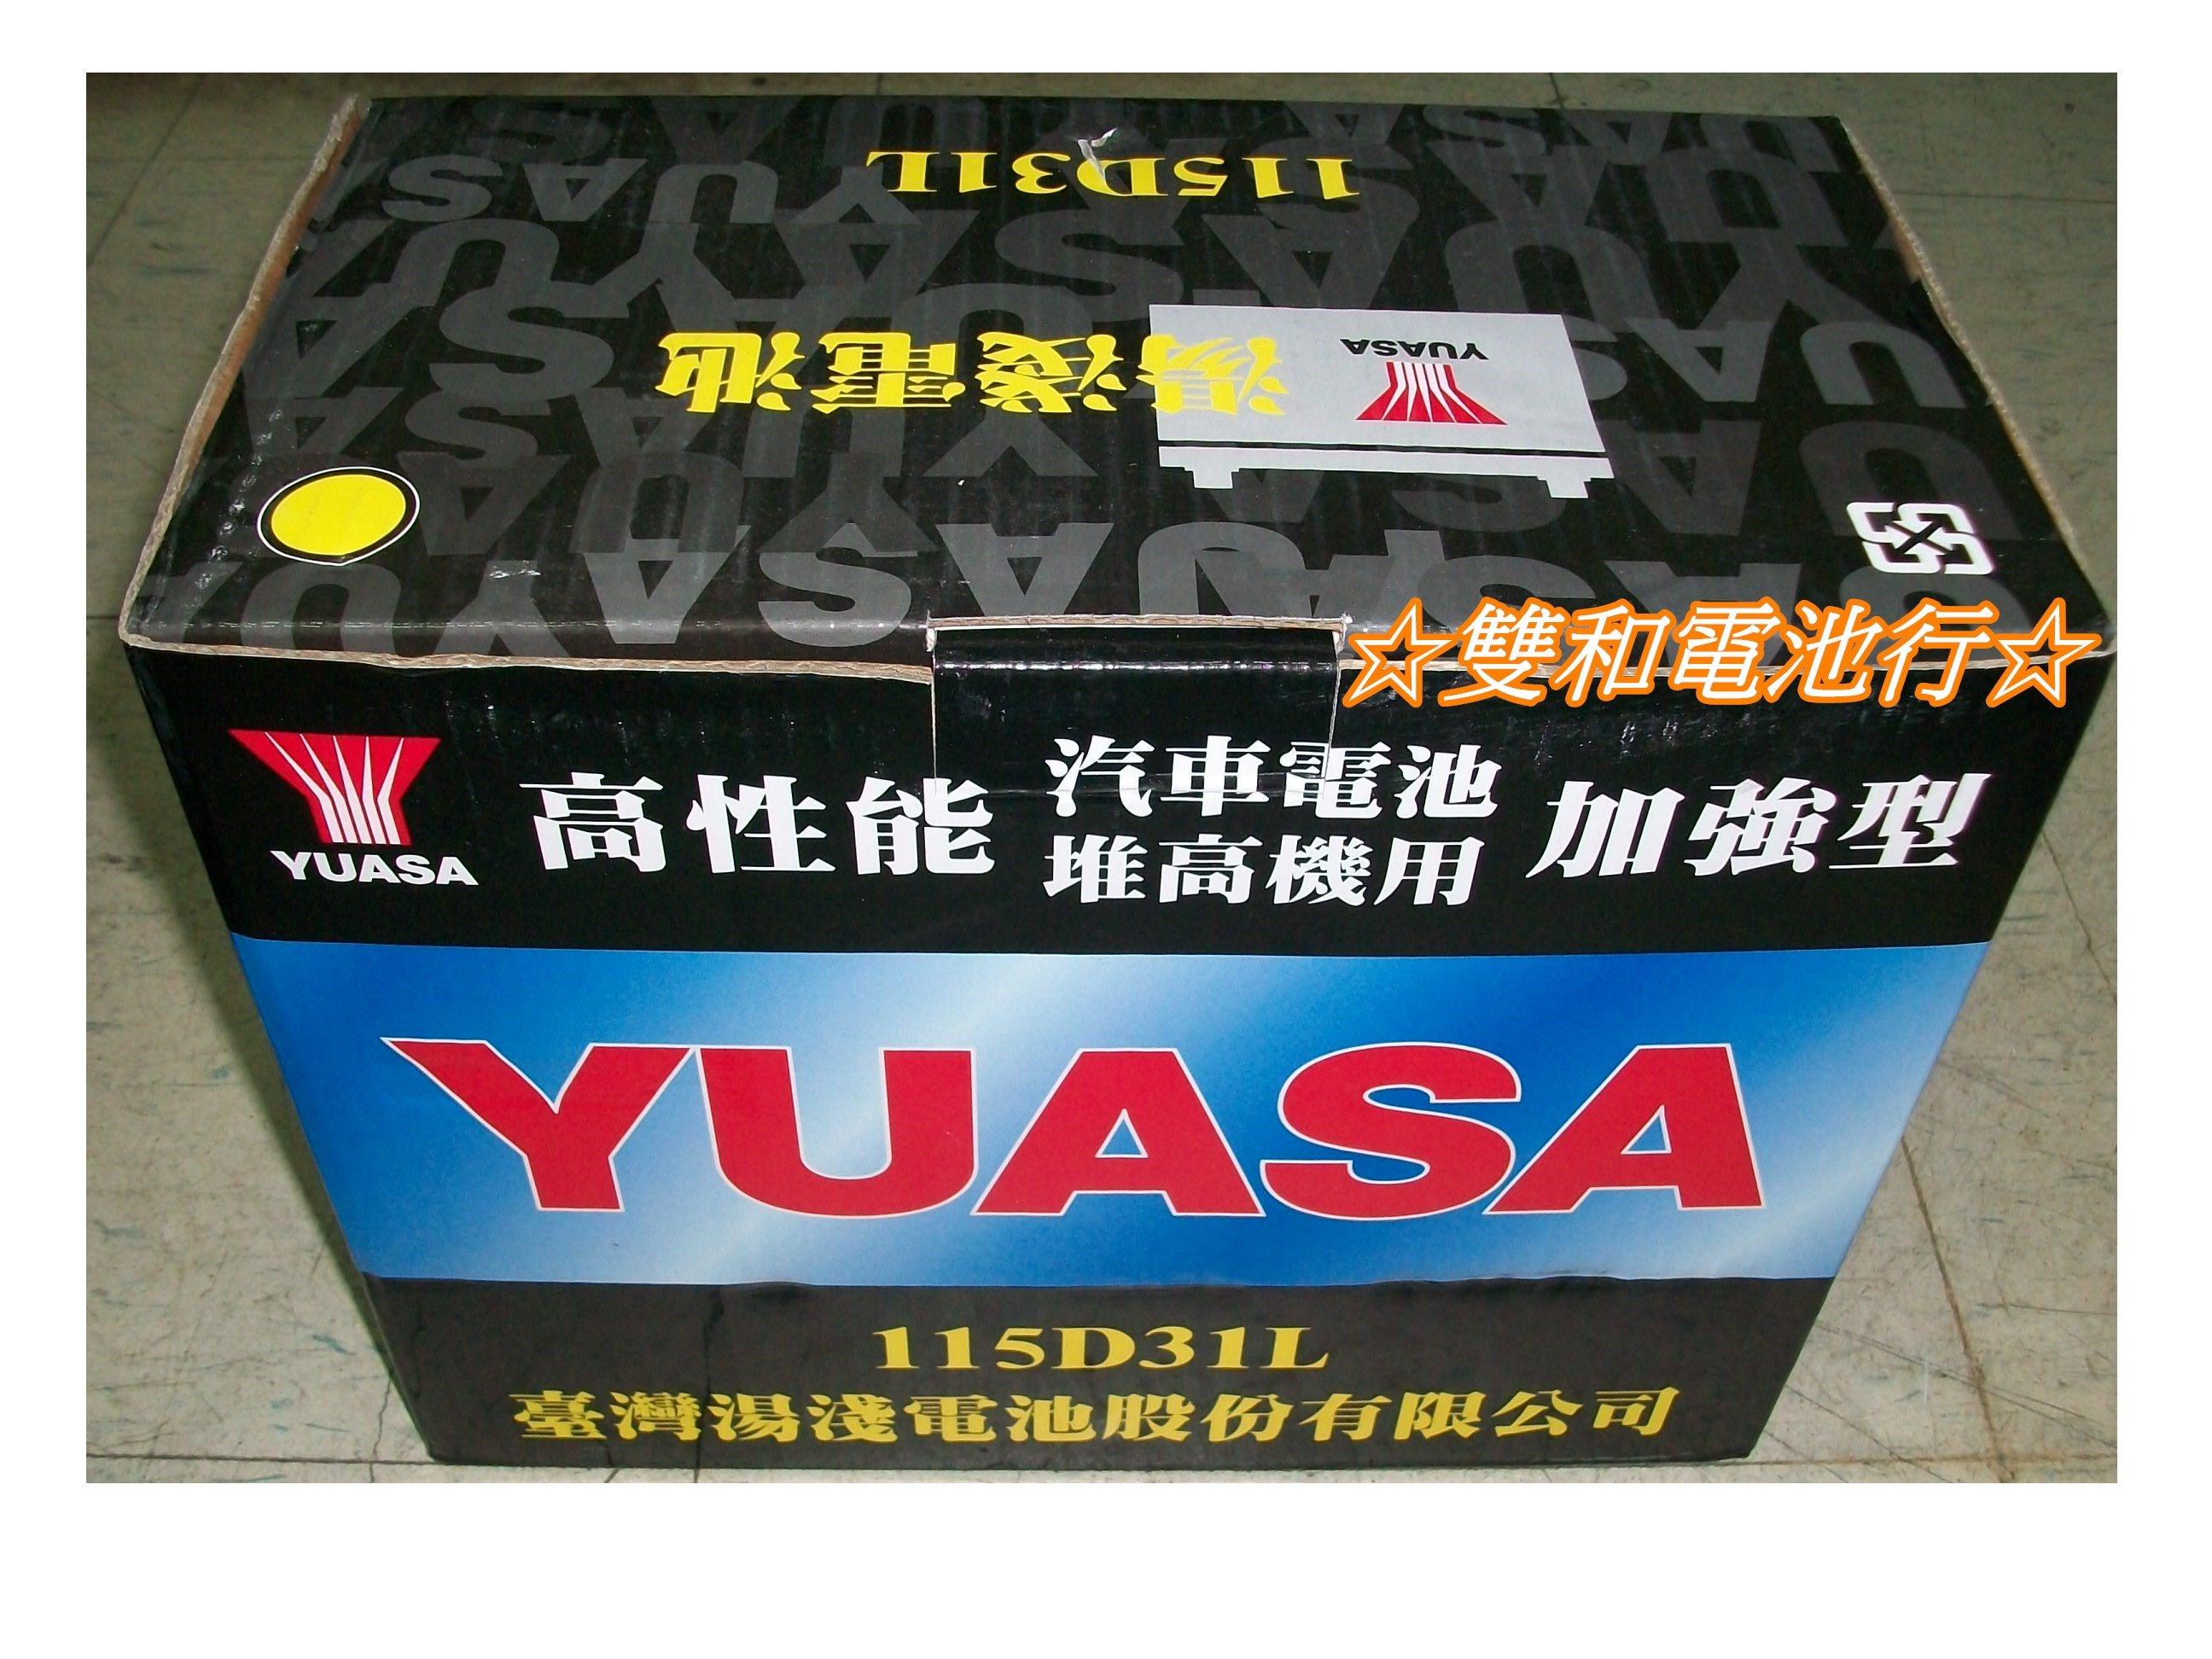 ☆雙和電池☆YUASA湯淺電池加水115D31L/115D31R(95D31L/95D31R)~柴油休旅車/新堅達